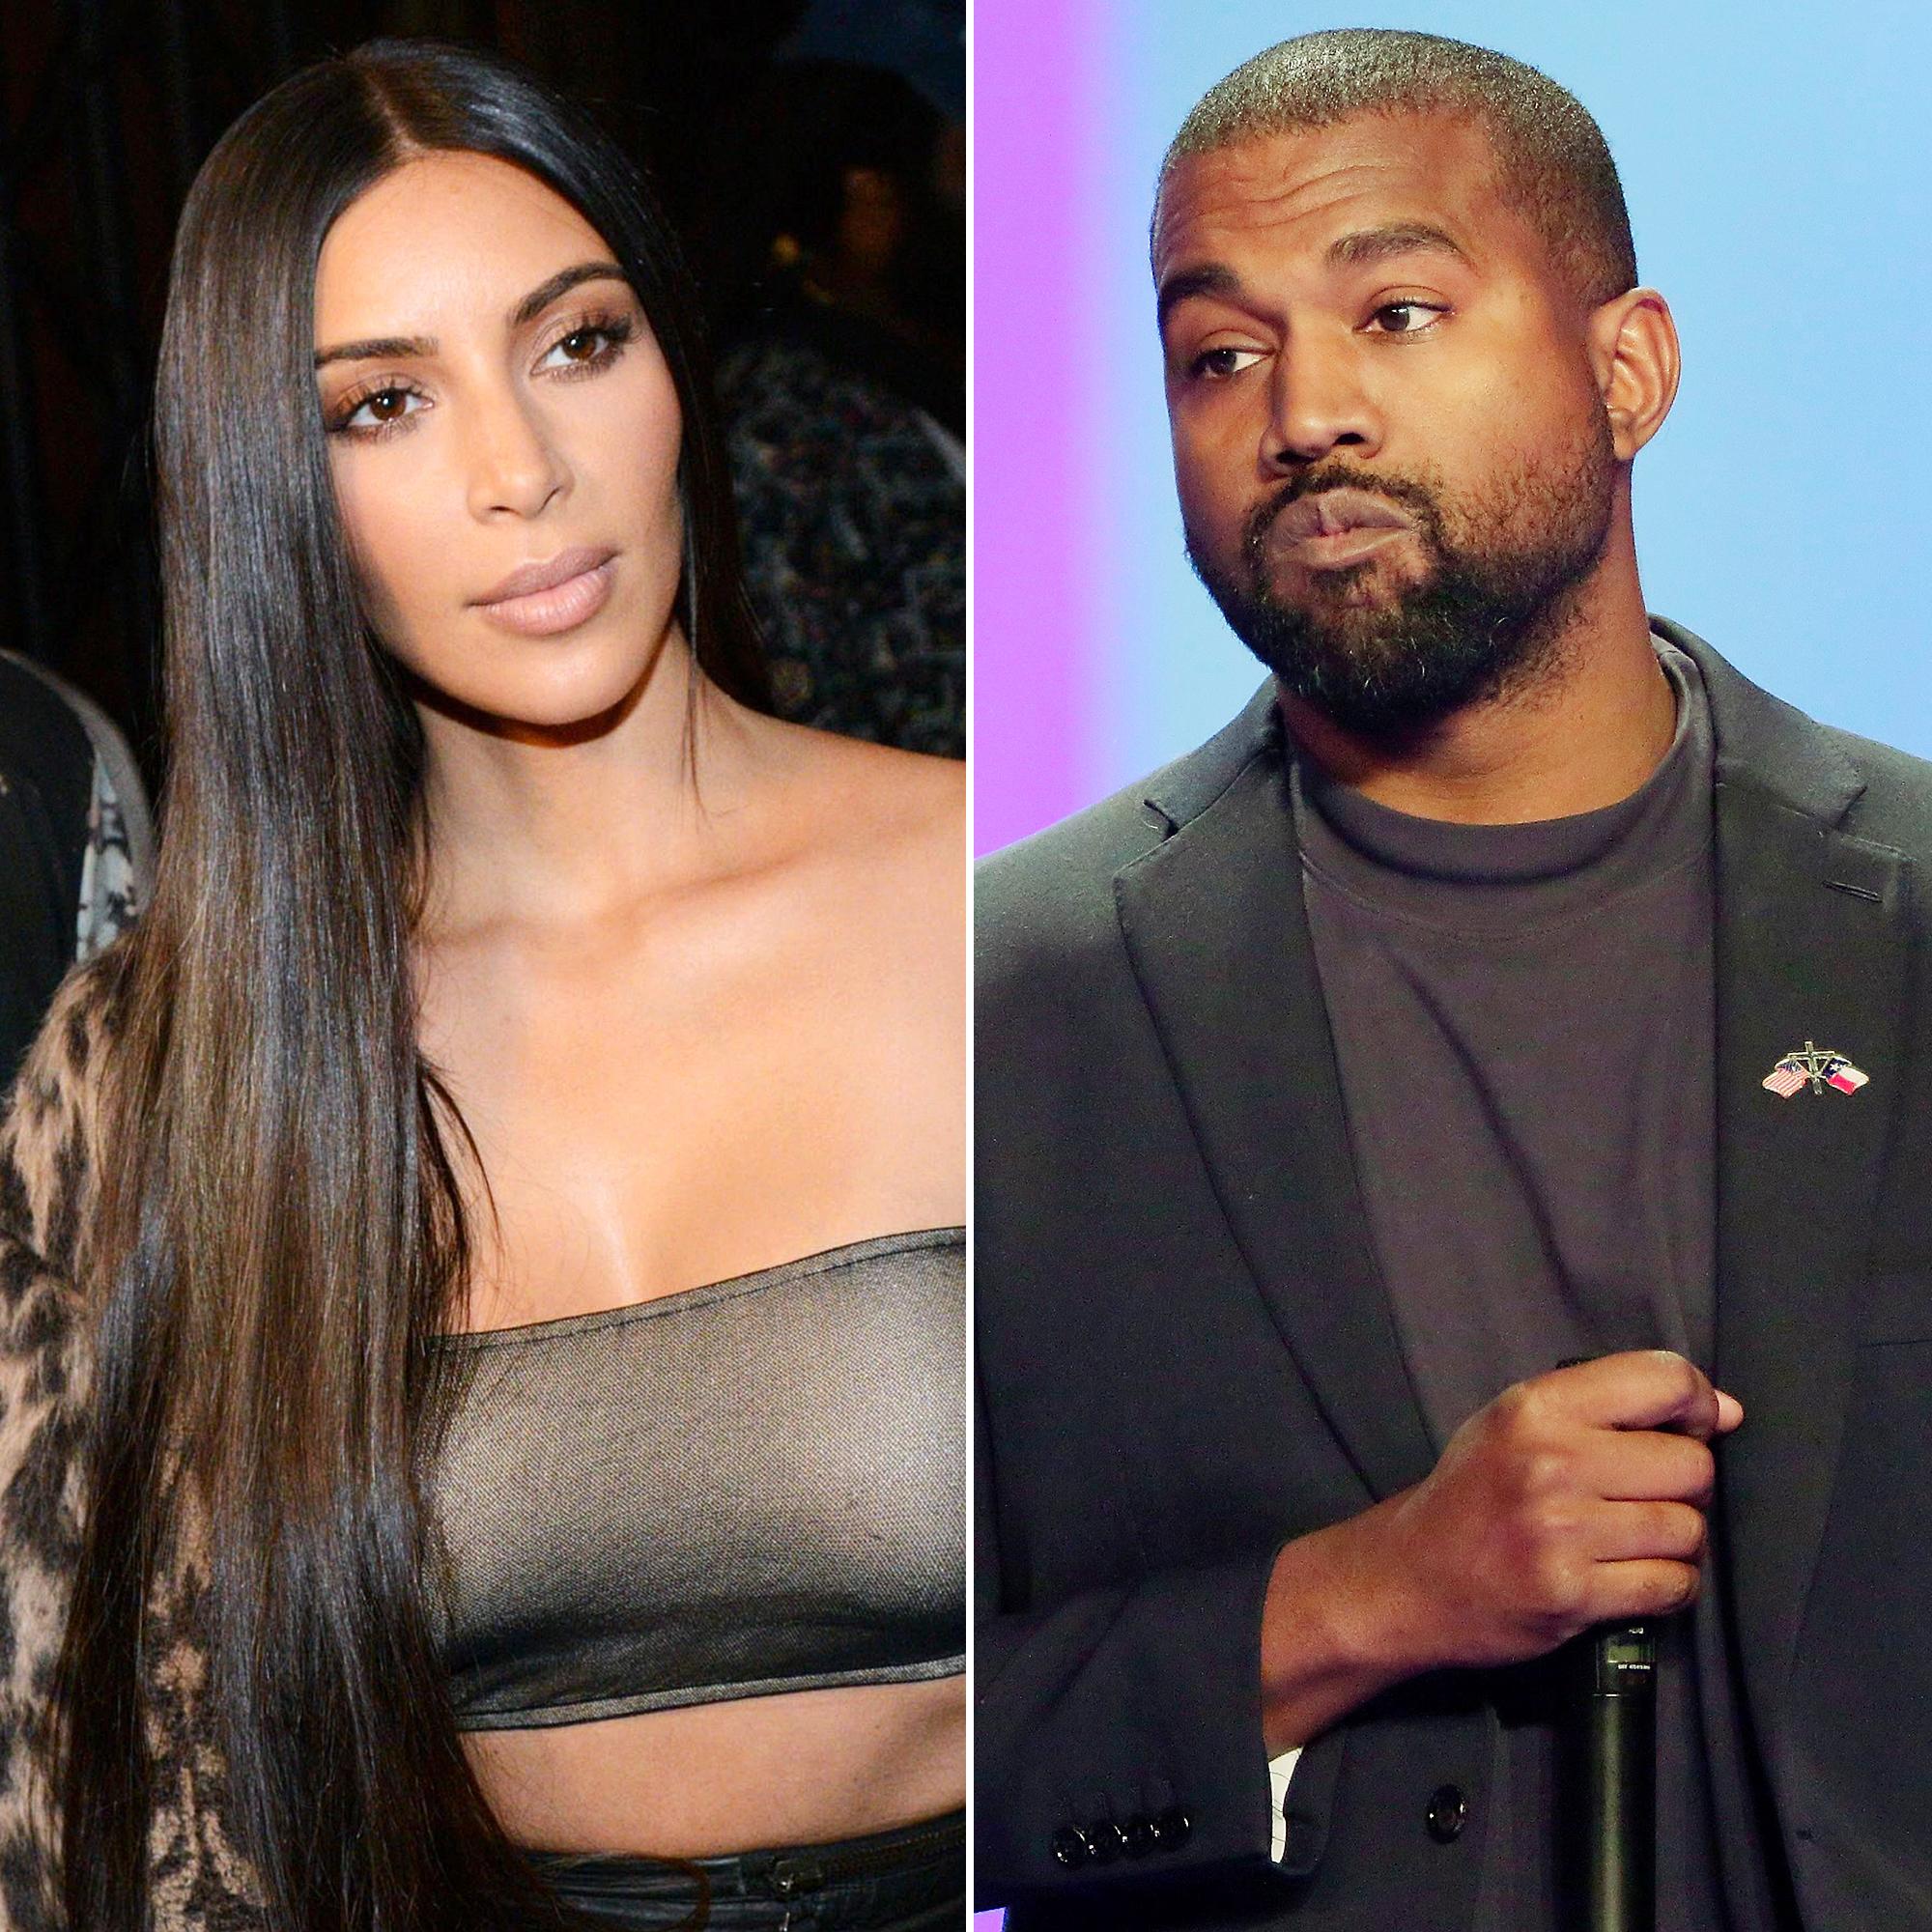 How Kim Kardashian and Kanye West's Communication Turned 'Downright Toxic'